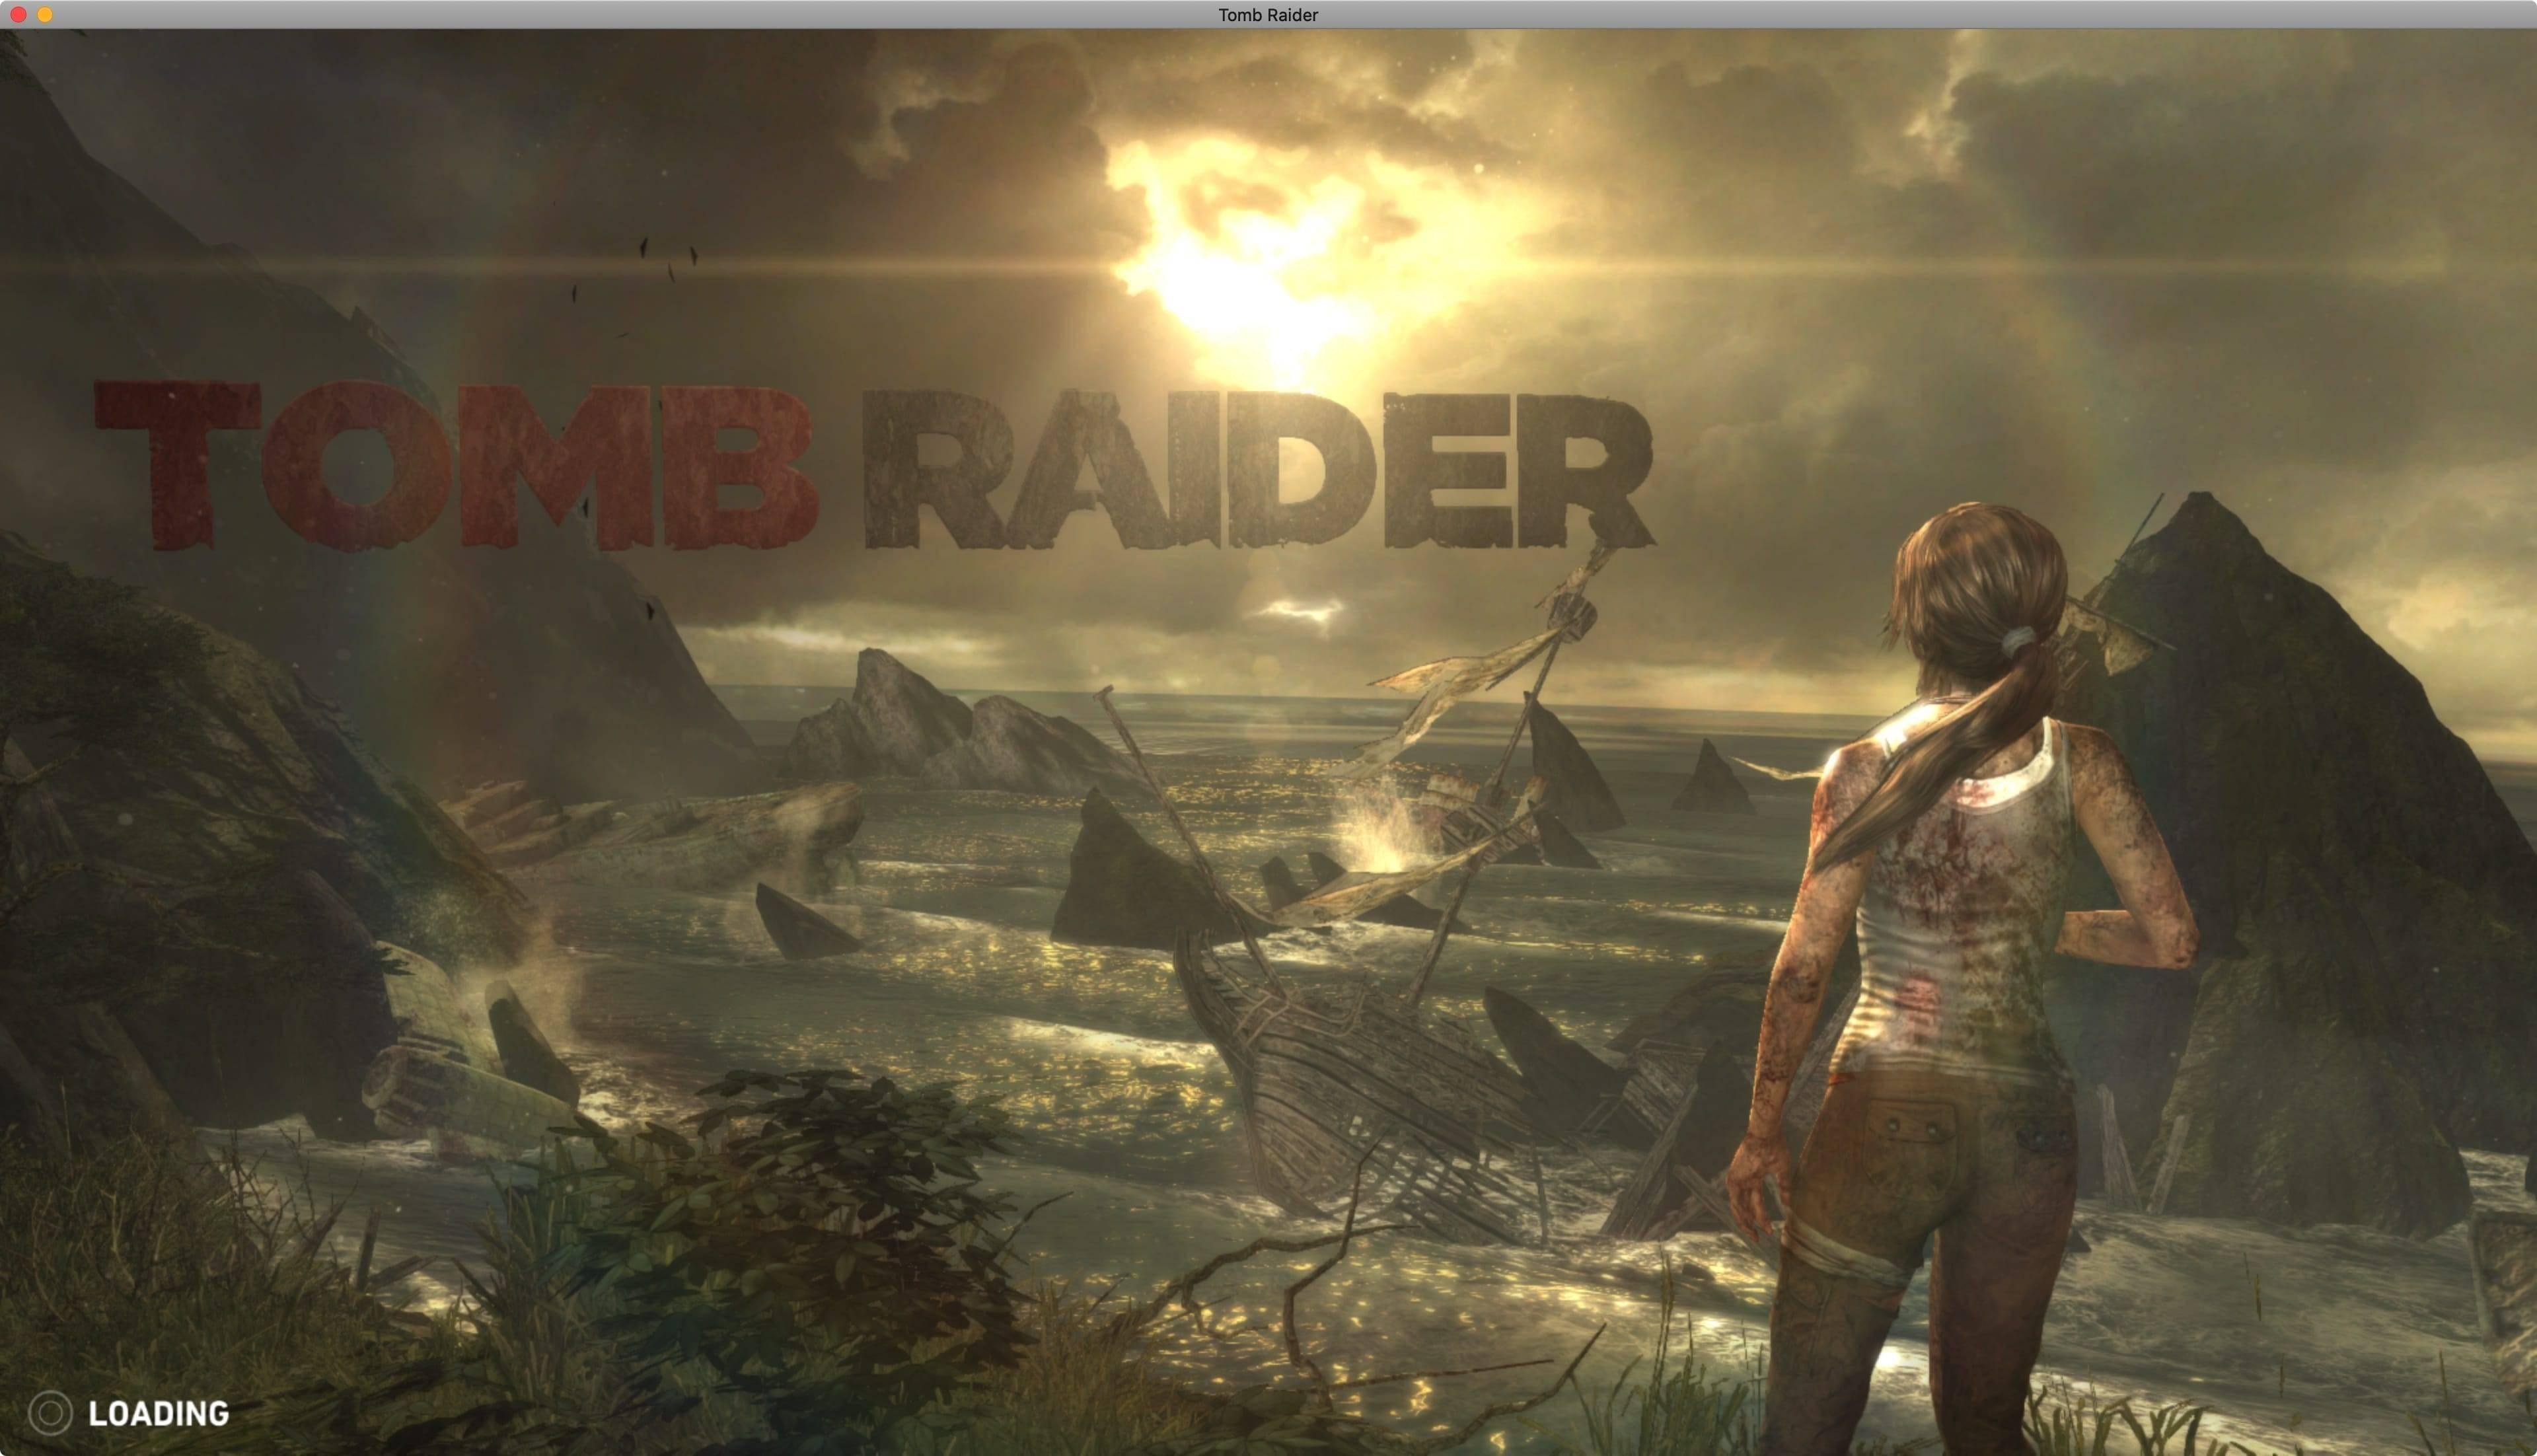 古墓丽影(Tomb Raider) 1.2  探险类动作冒险游戏  第4张